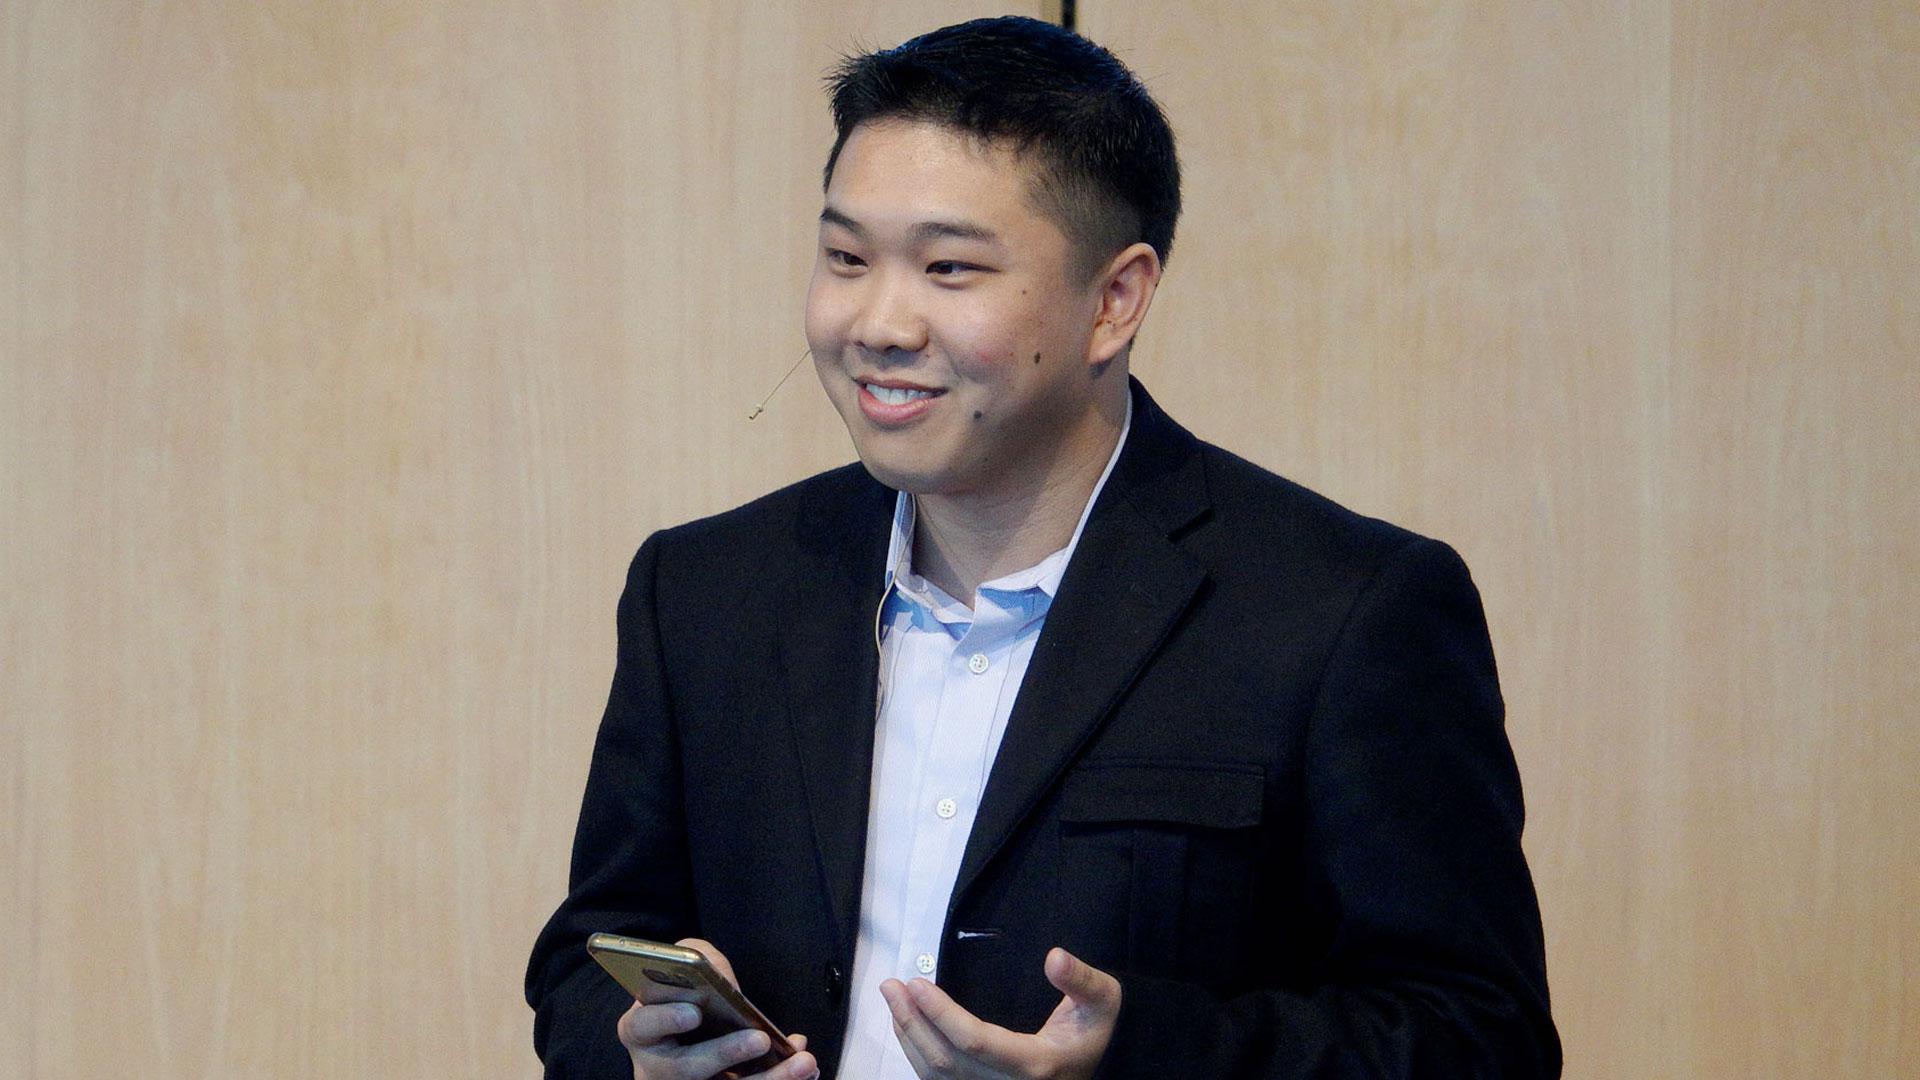 Christopher Lim ist Gründer der Firma TheoTech, die Technologie zur Weitergabe des Evangeliums nutzbar macht